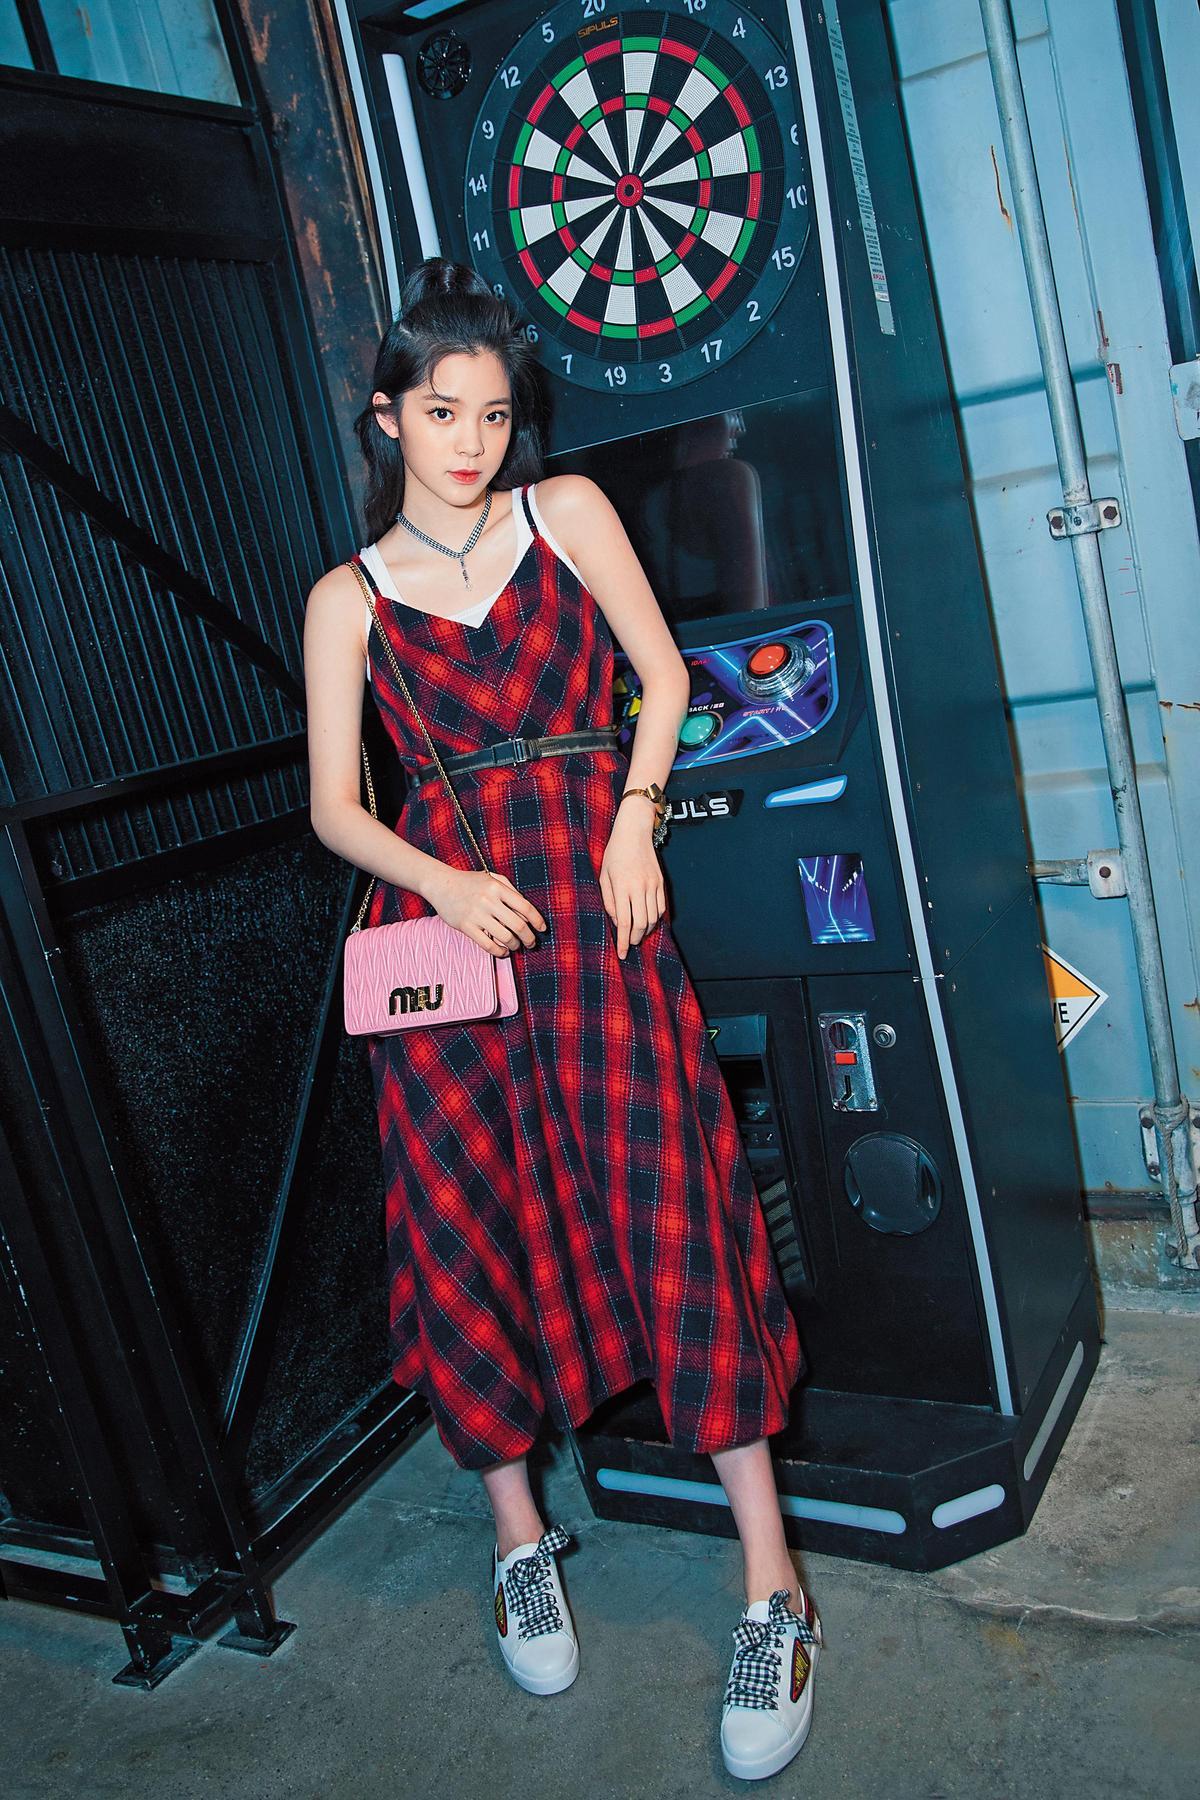 歐陽娜娜在南京出席Miu Miu Disco限時店開幕酒會的少女娜娜,細肩帶的紅黑格紋長洋裝上,繫著黑色的細腰帶,寬鬆的洋裝立刻被束出腰身,慵懶氣息也瞬間俐落起來。